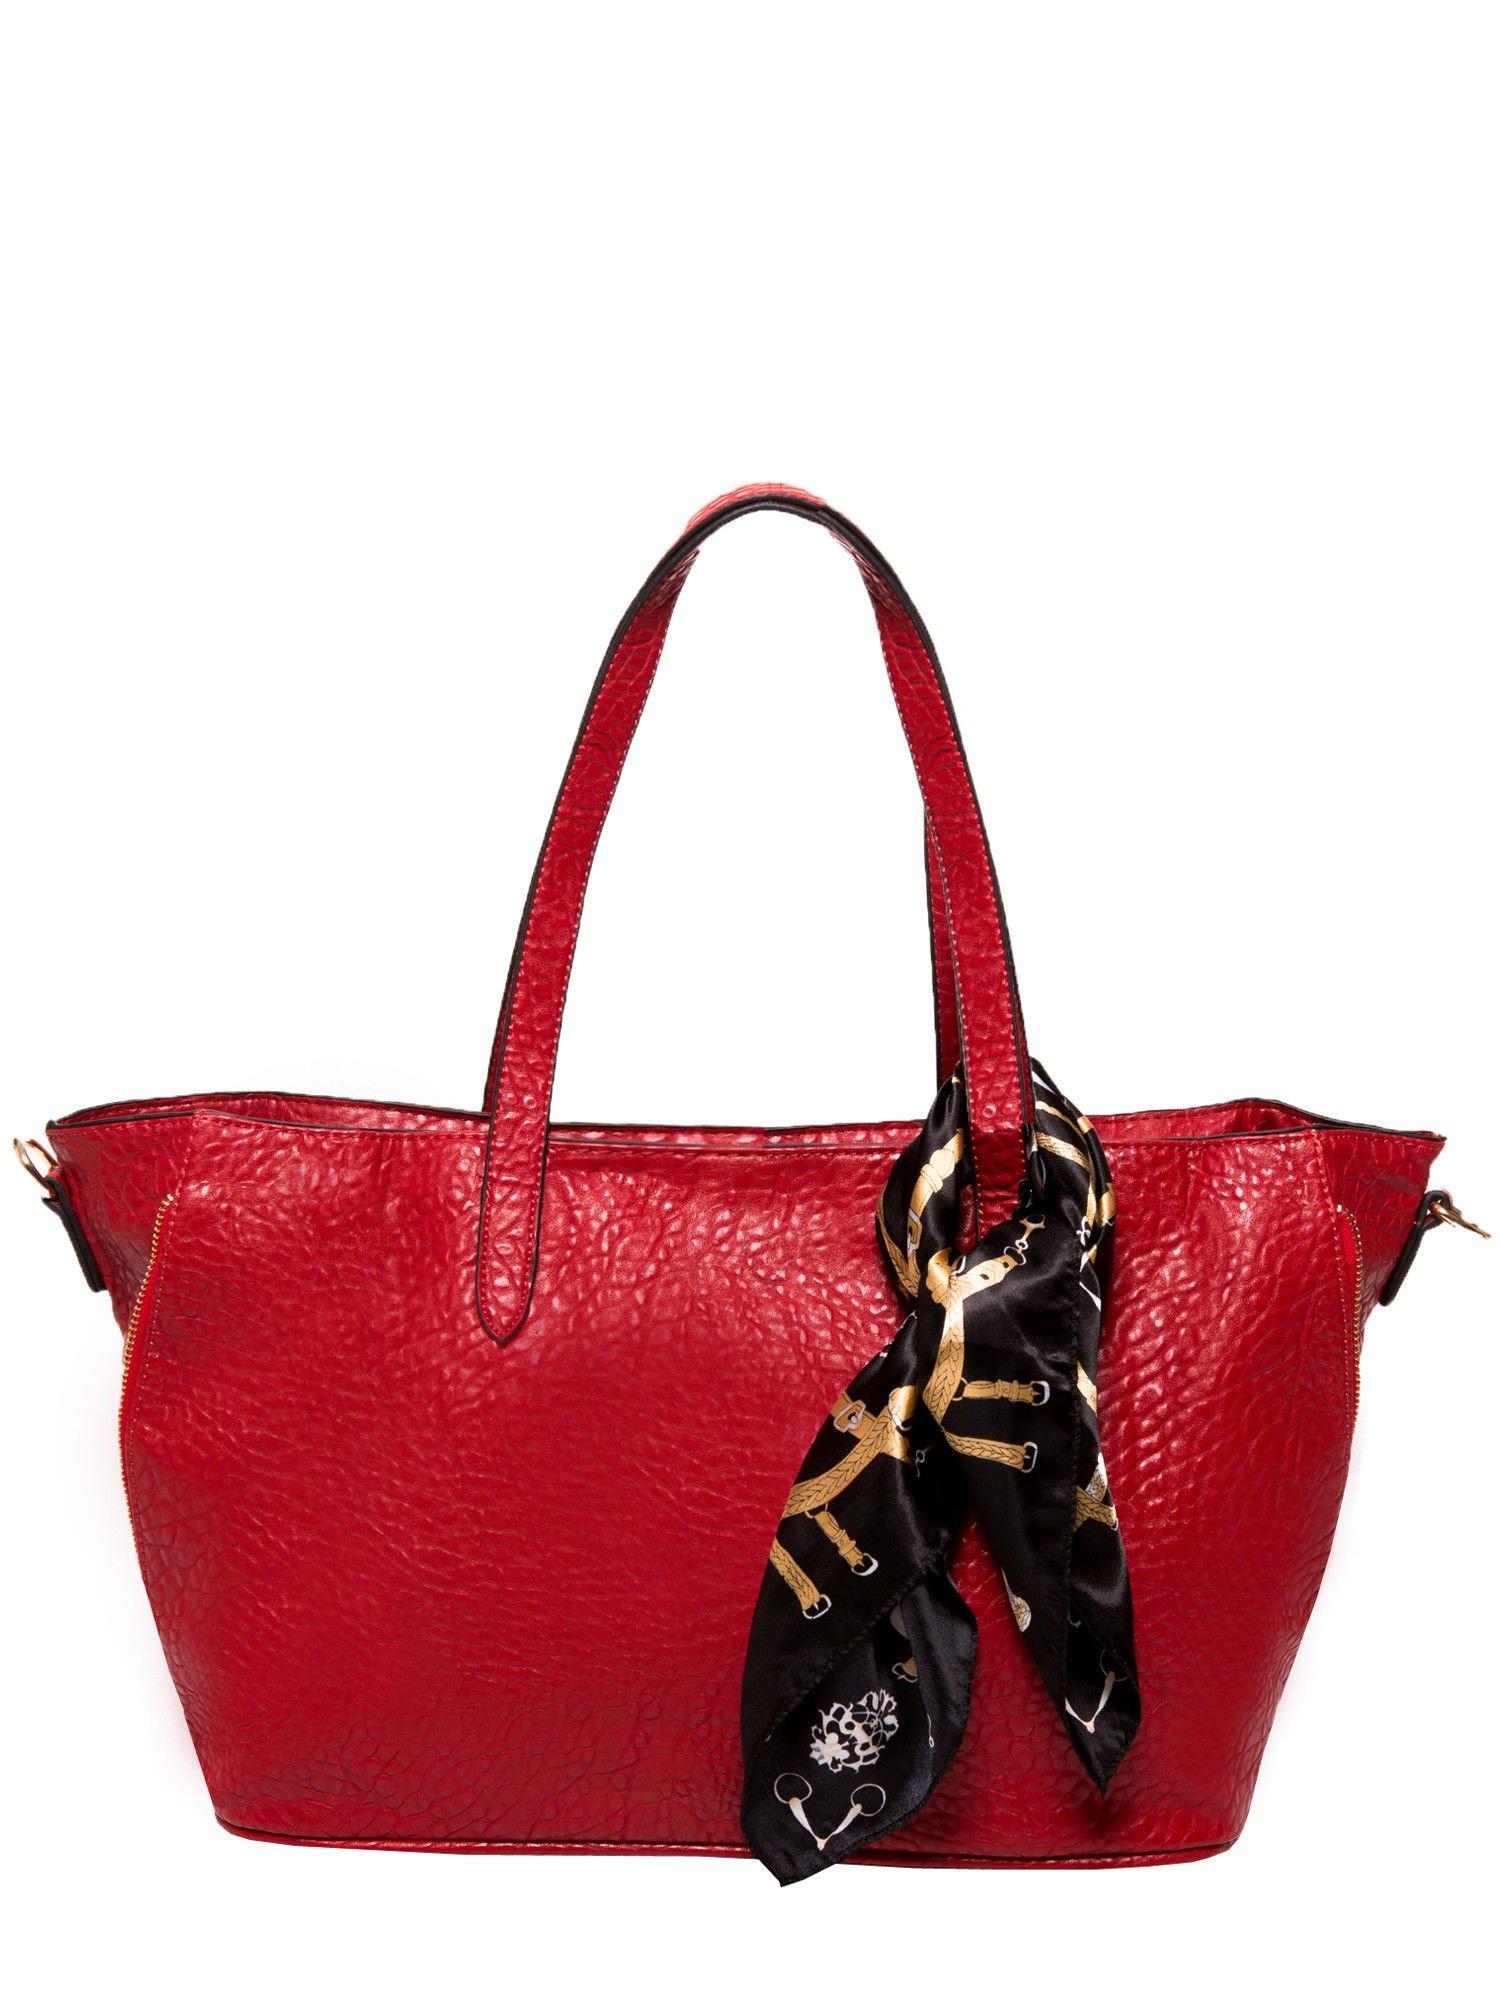 Czerwona torebka shopper bag z apaszką                                  zdj.                                  1